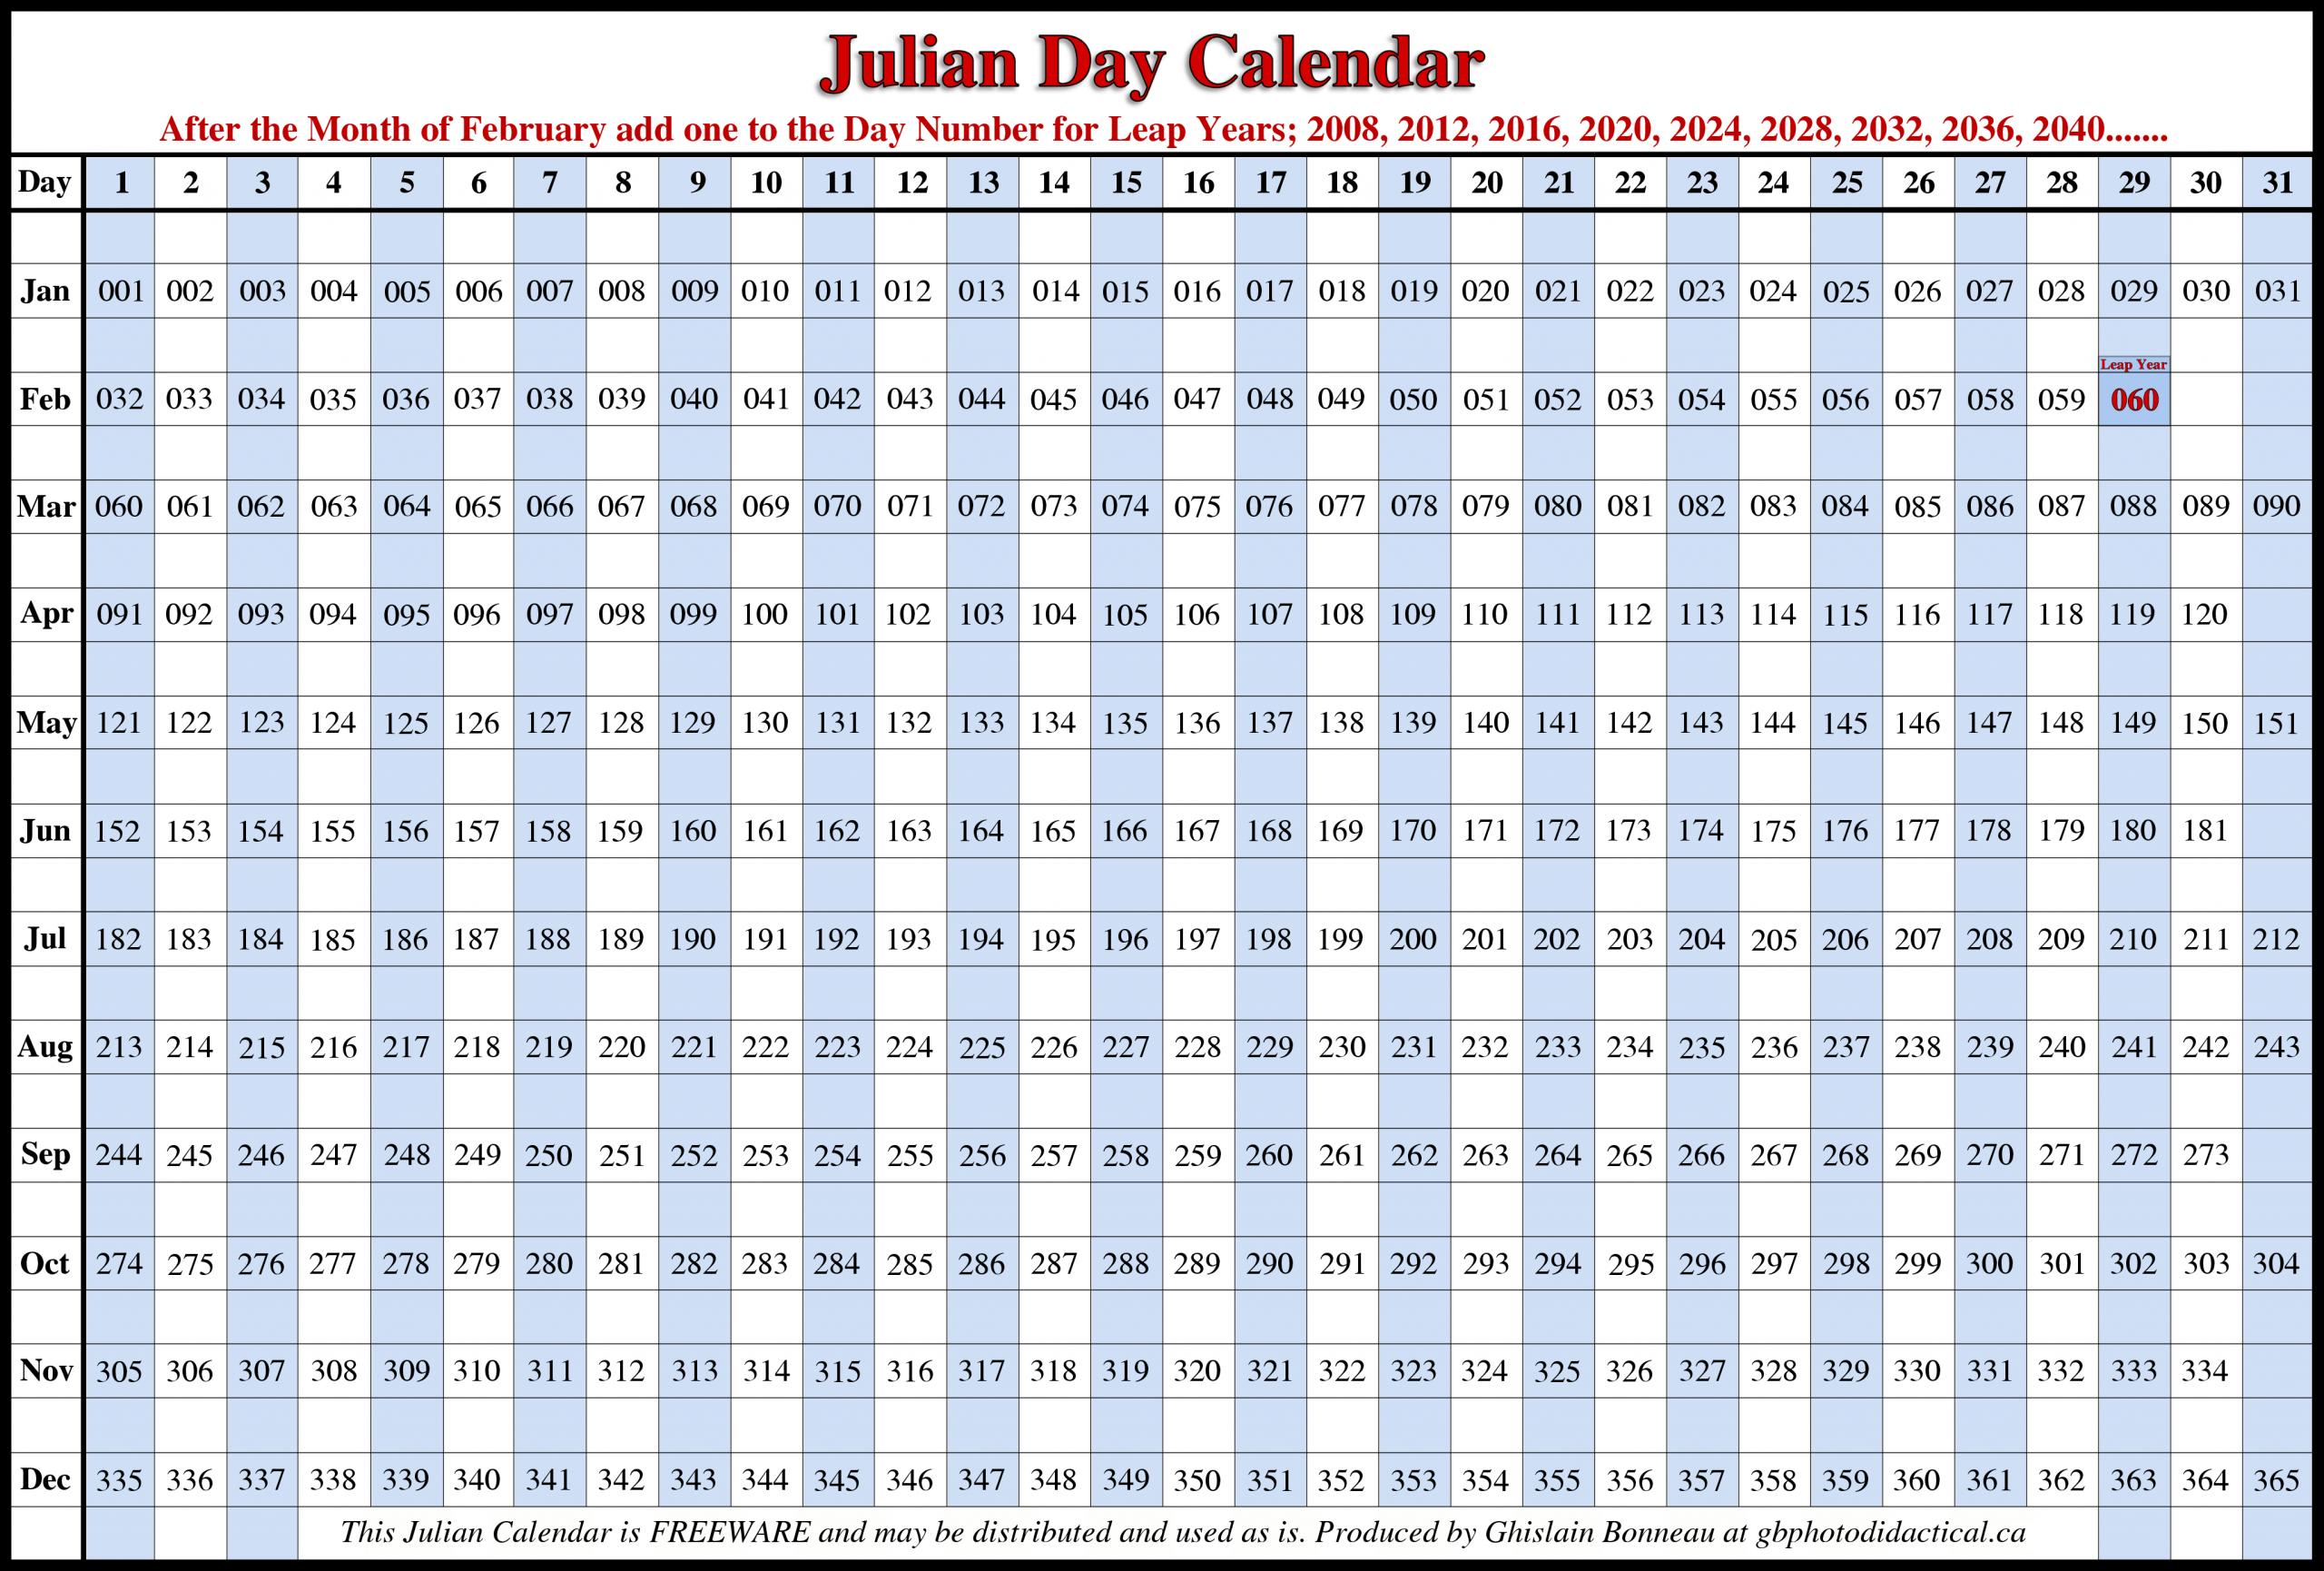 Julian Date 2015 | 2018 Calendar Template, Free Calendar